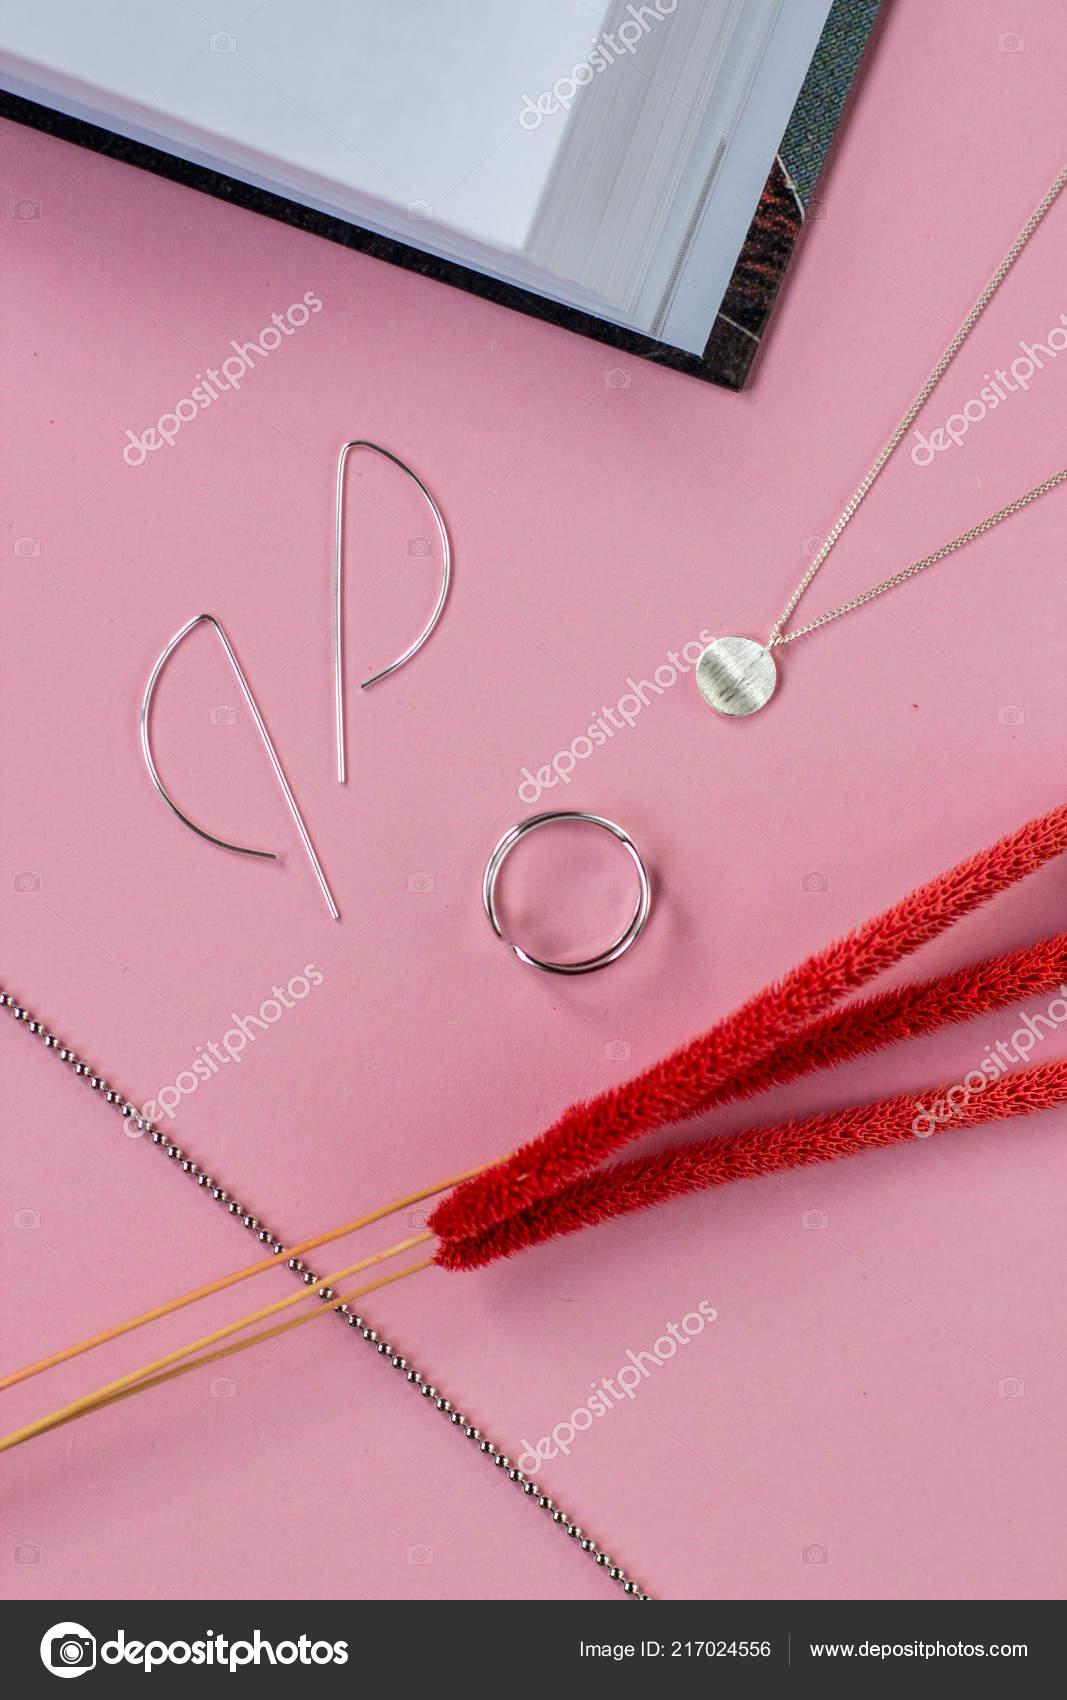 Ασημένια Κοσμήματα Δαχτυλίδια Και Βραχιόλια Μινιμαλιστικό Στυλ Ροζ ... 082ae446279